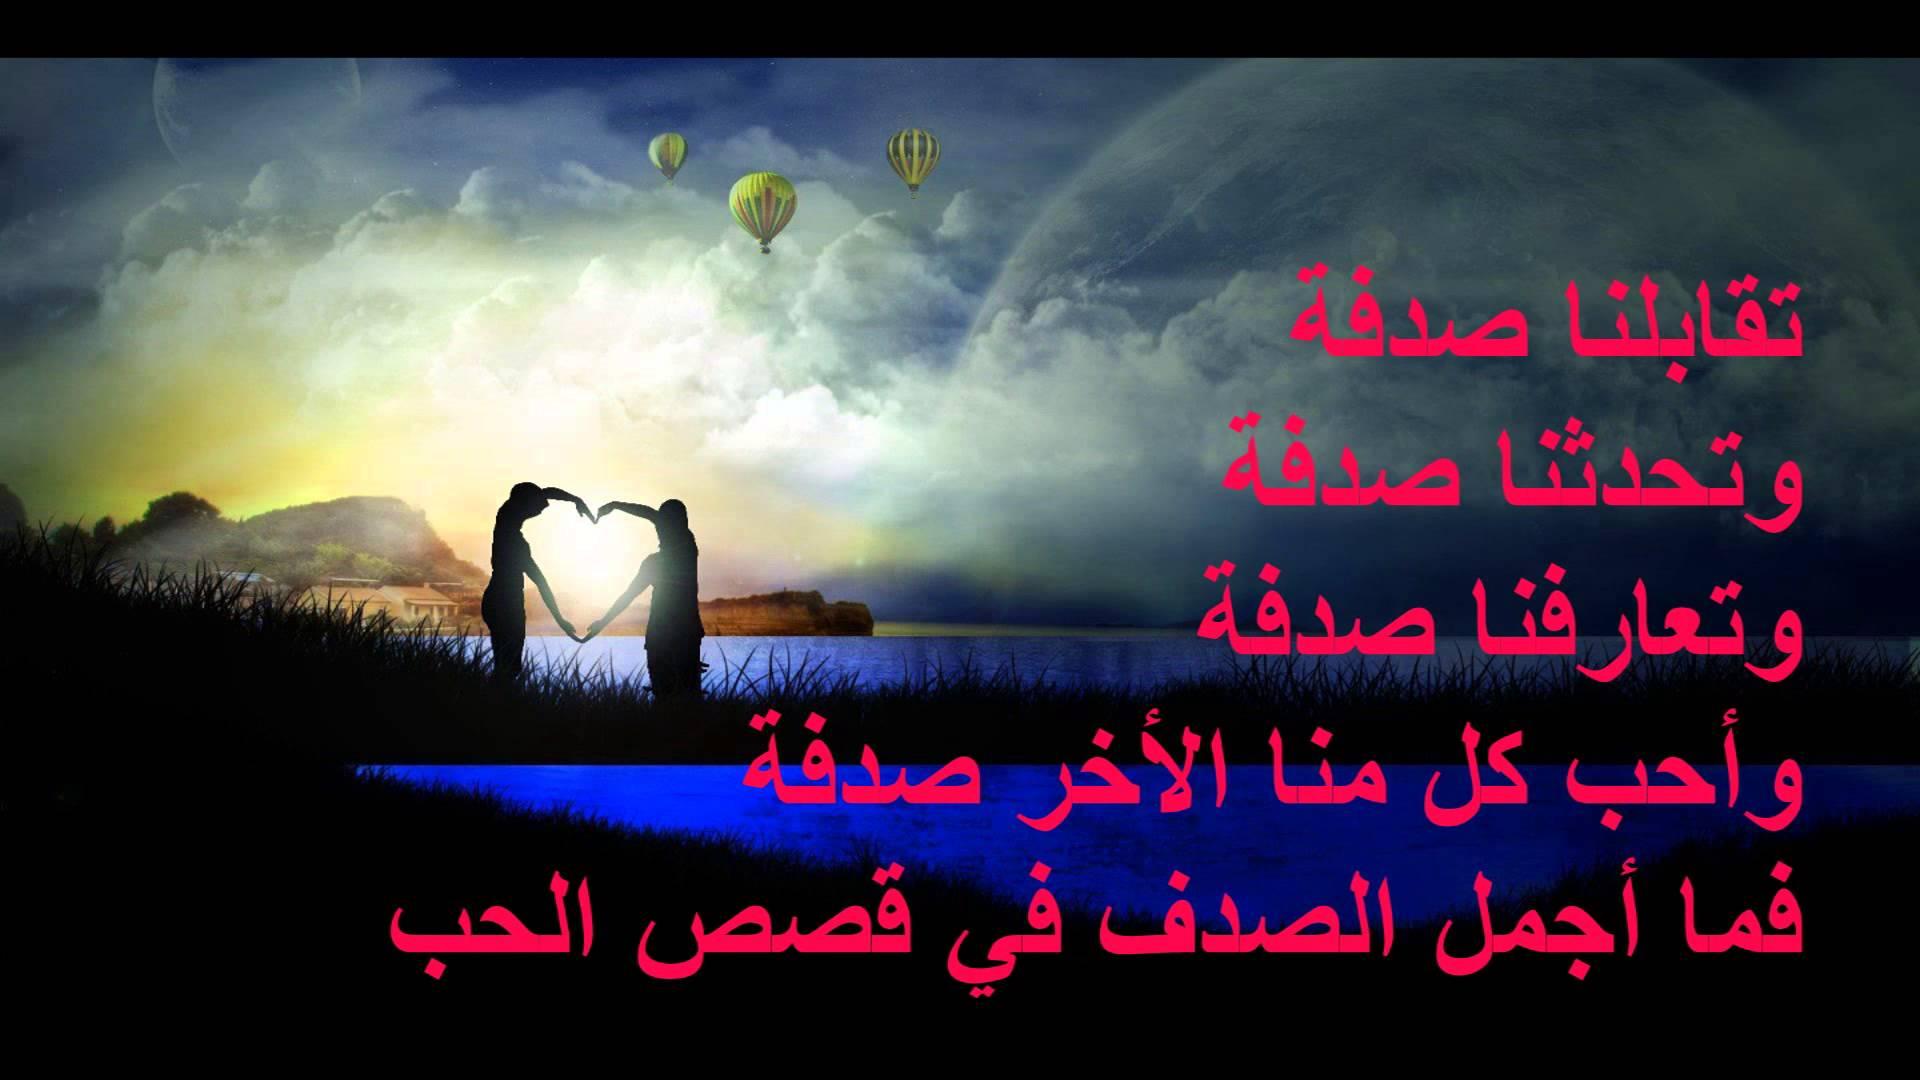 صورة كلام جميل عن الحياة والحب , الحب اساس الحياة 5986 3